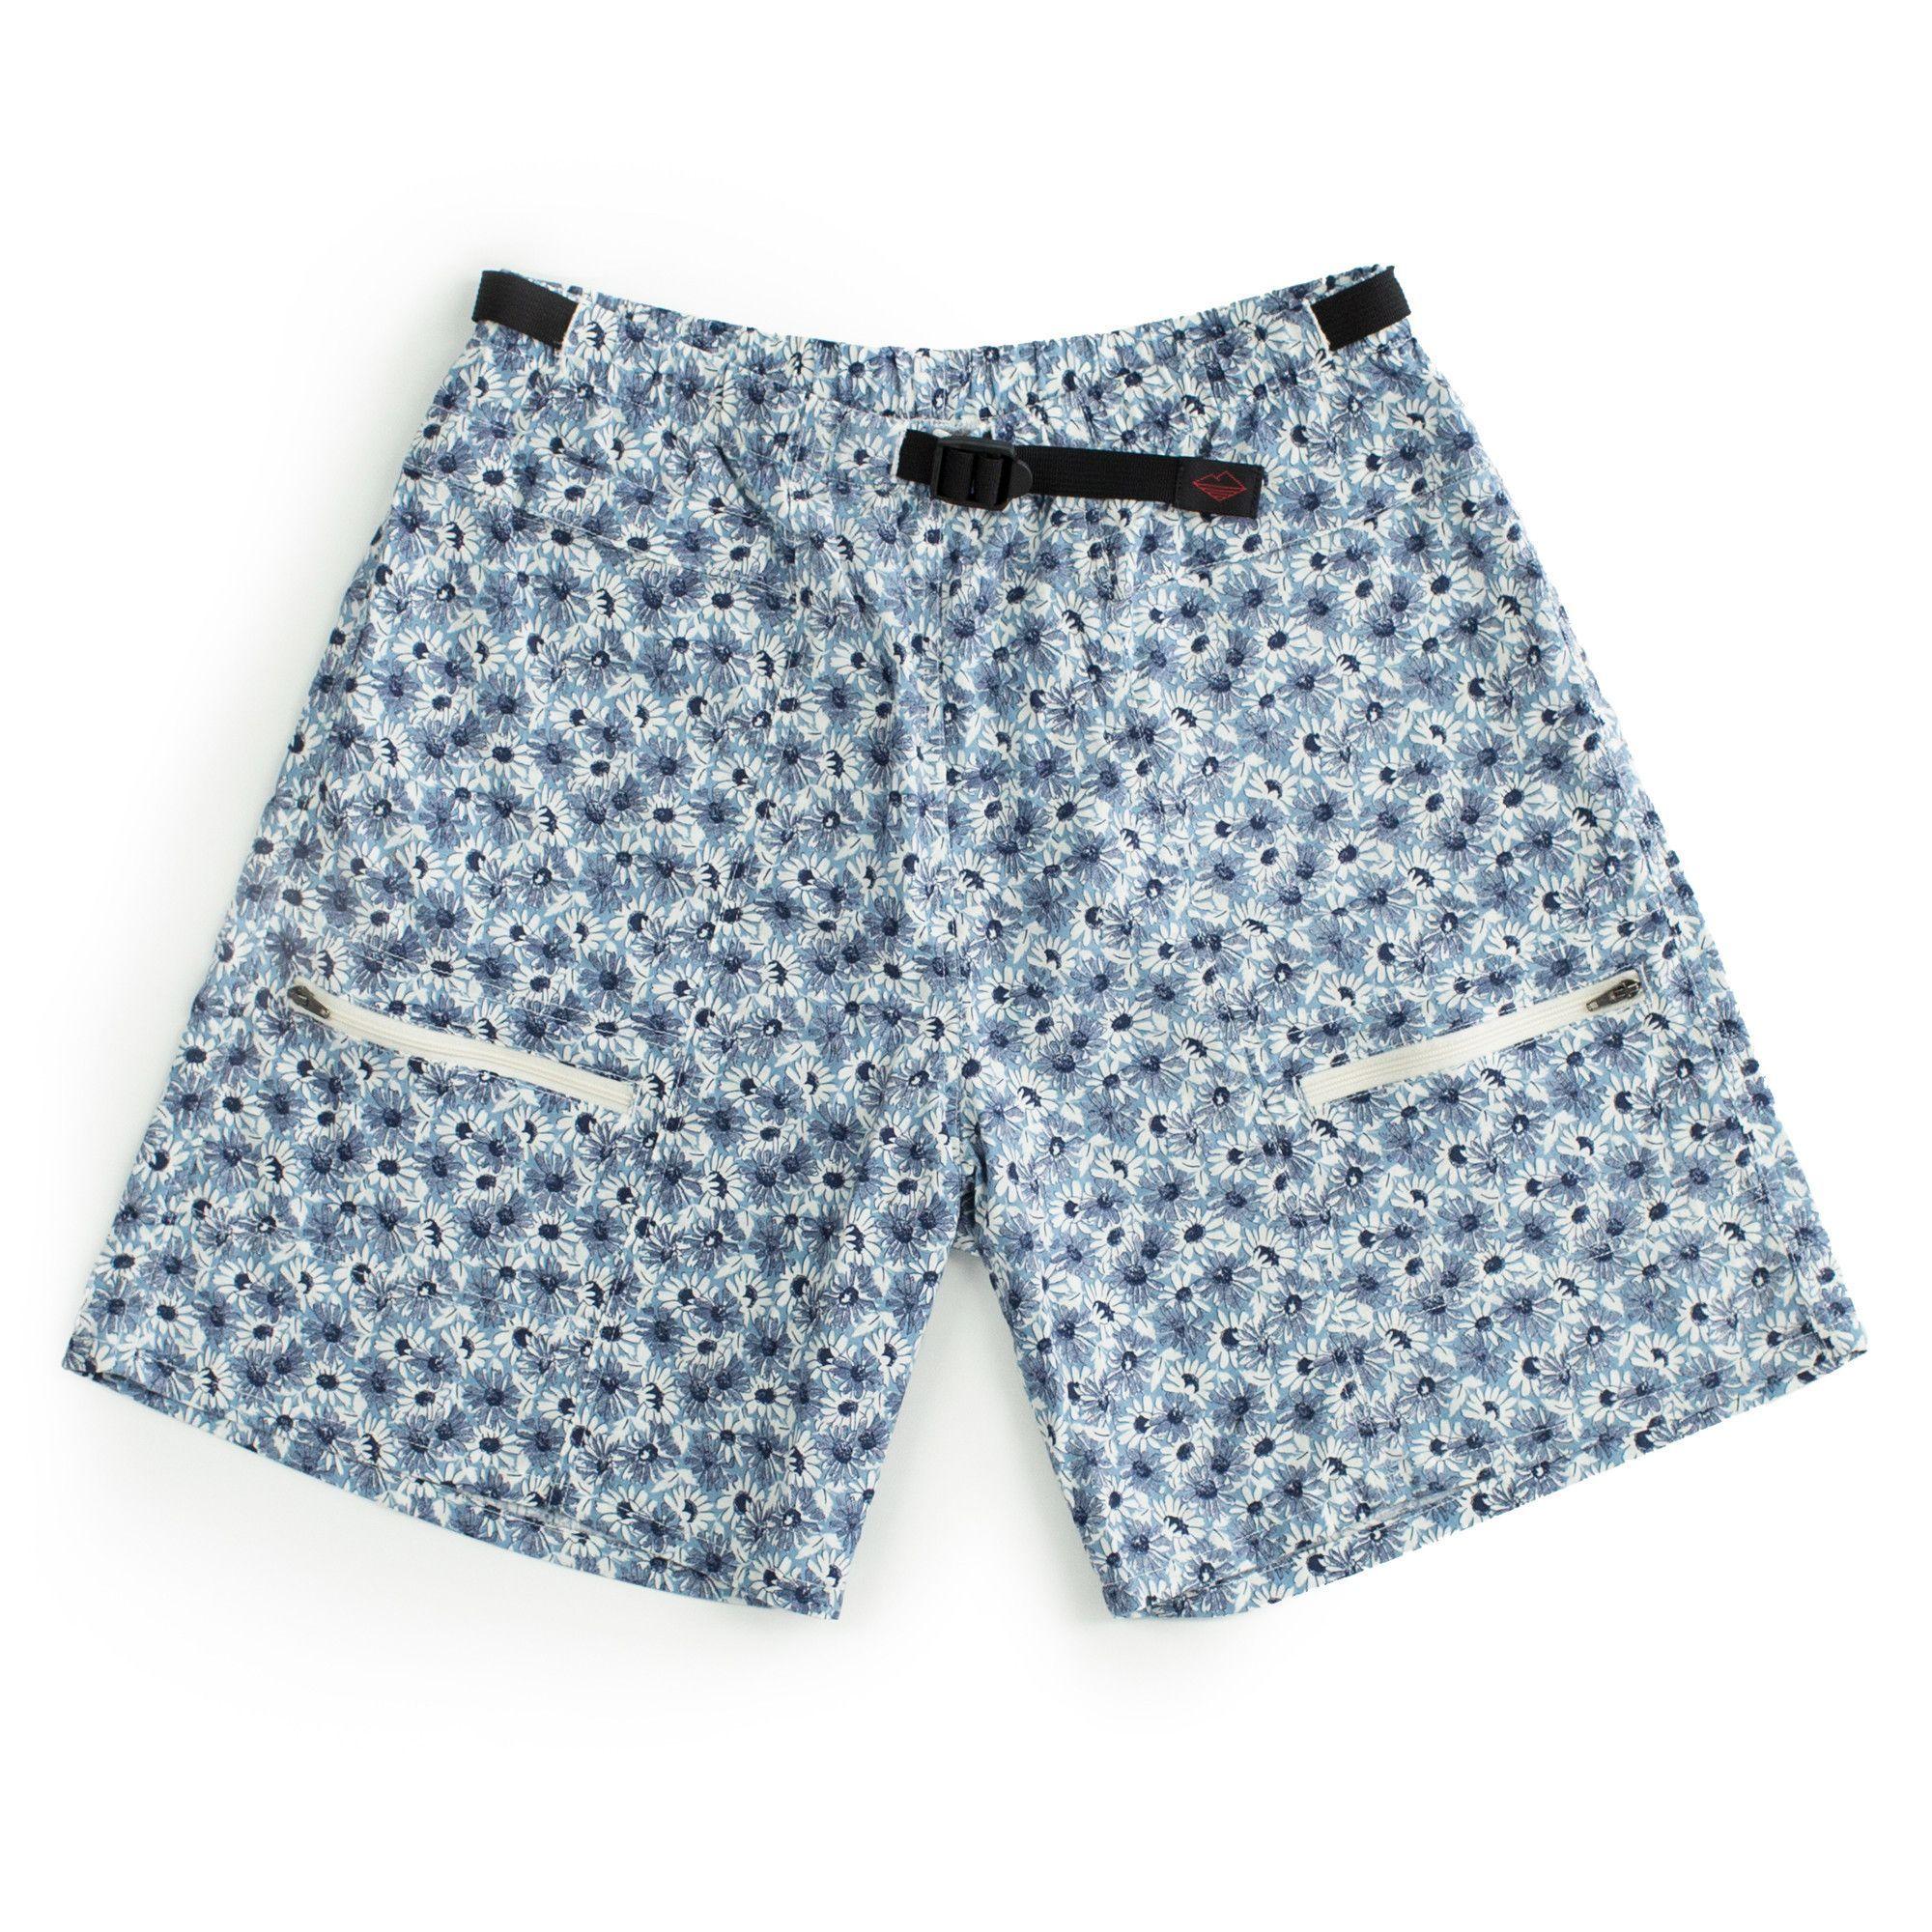 Camp Shorts, Blue Daisy